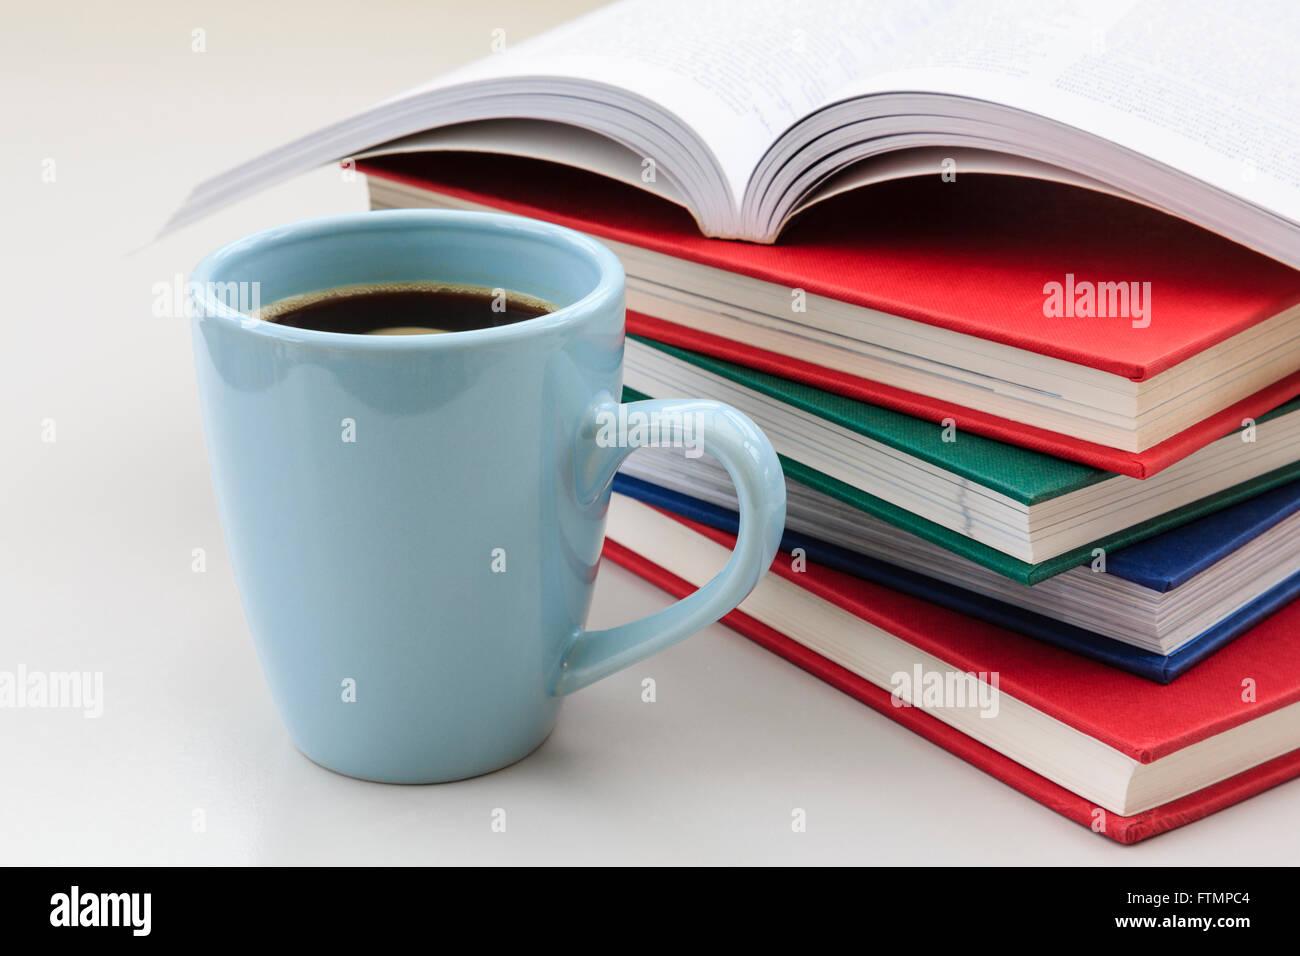 Estudio del Alumno escena con pila de libros sobre una mesa con una taza de café negro para ayudar a mantenerse Imagen De Stock